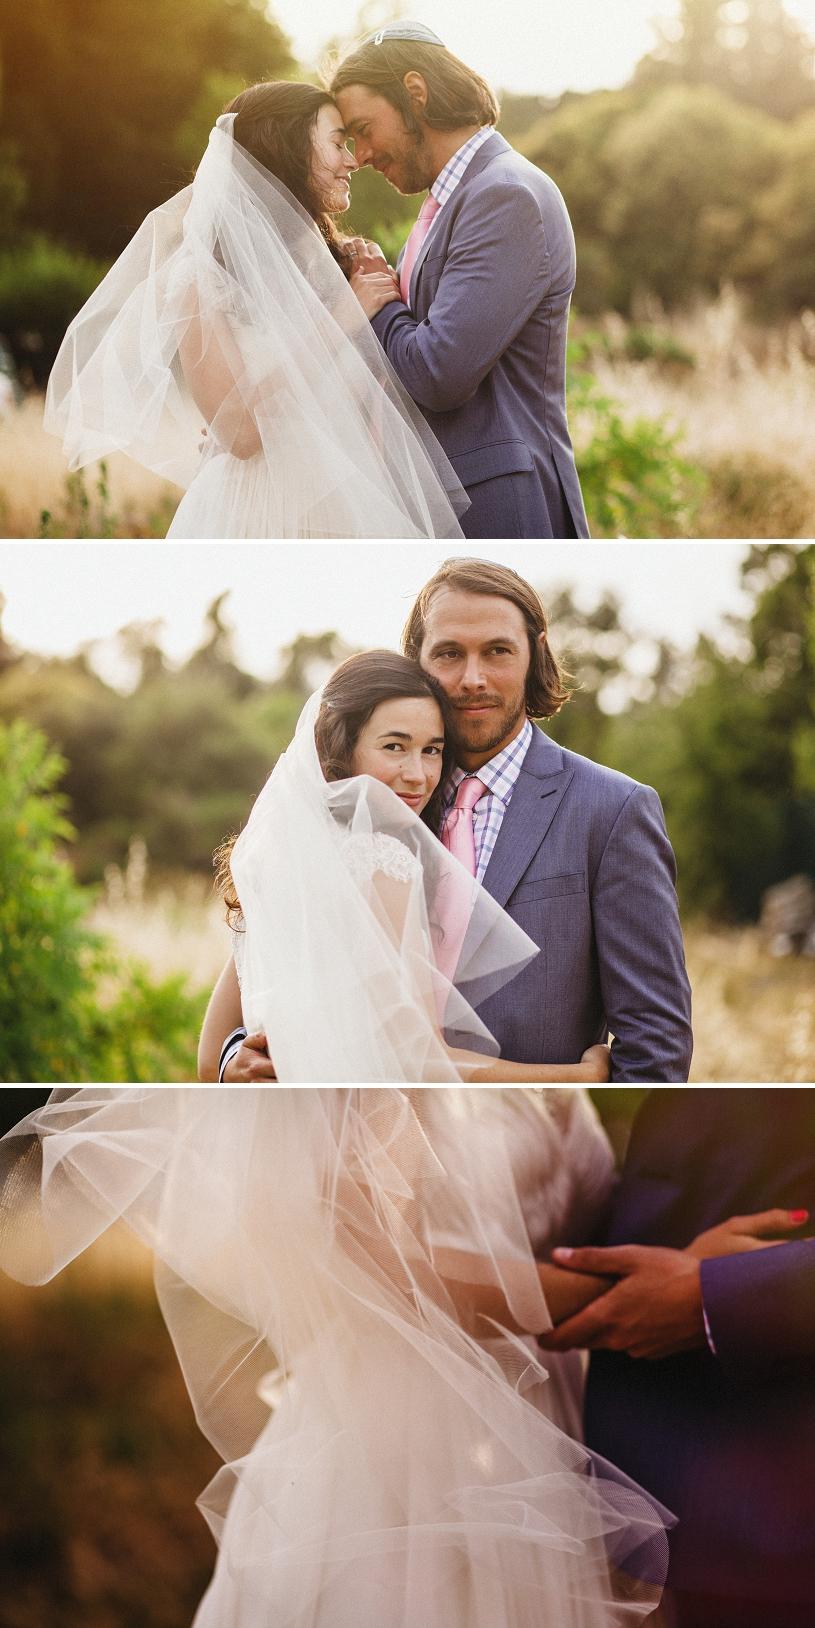 geyserville-boho-wedding34